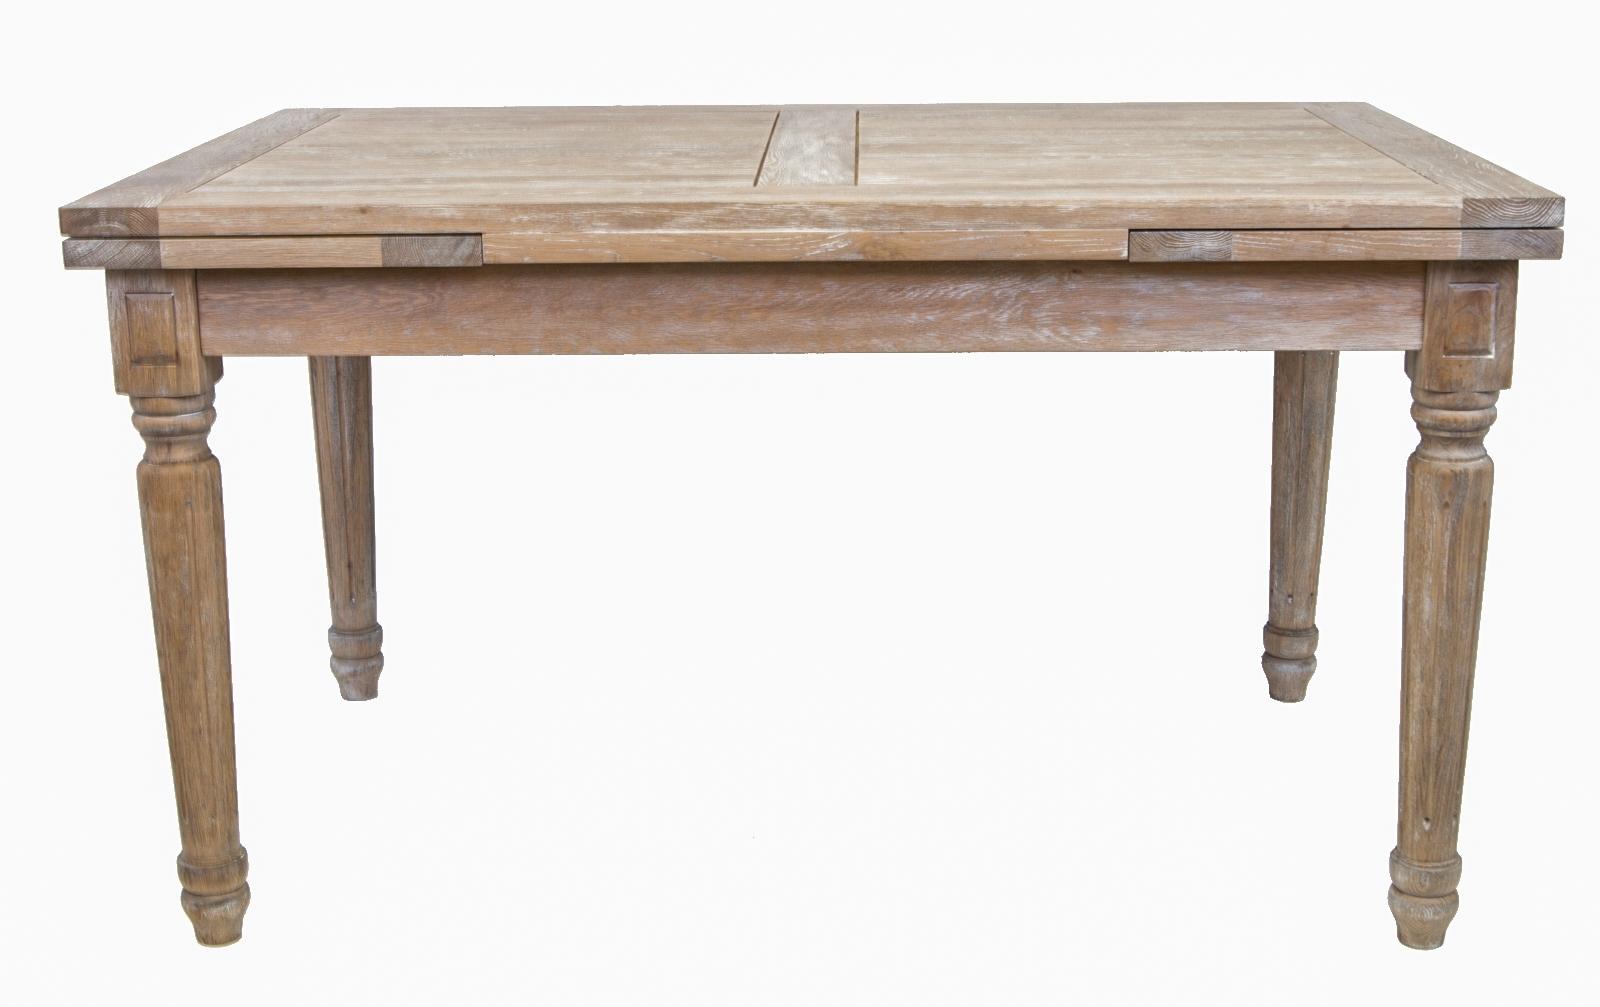 Купить Обеденный стол Noland из массива дуба, inmyroom, Китай